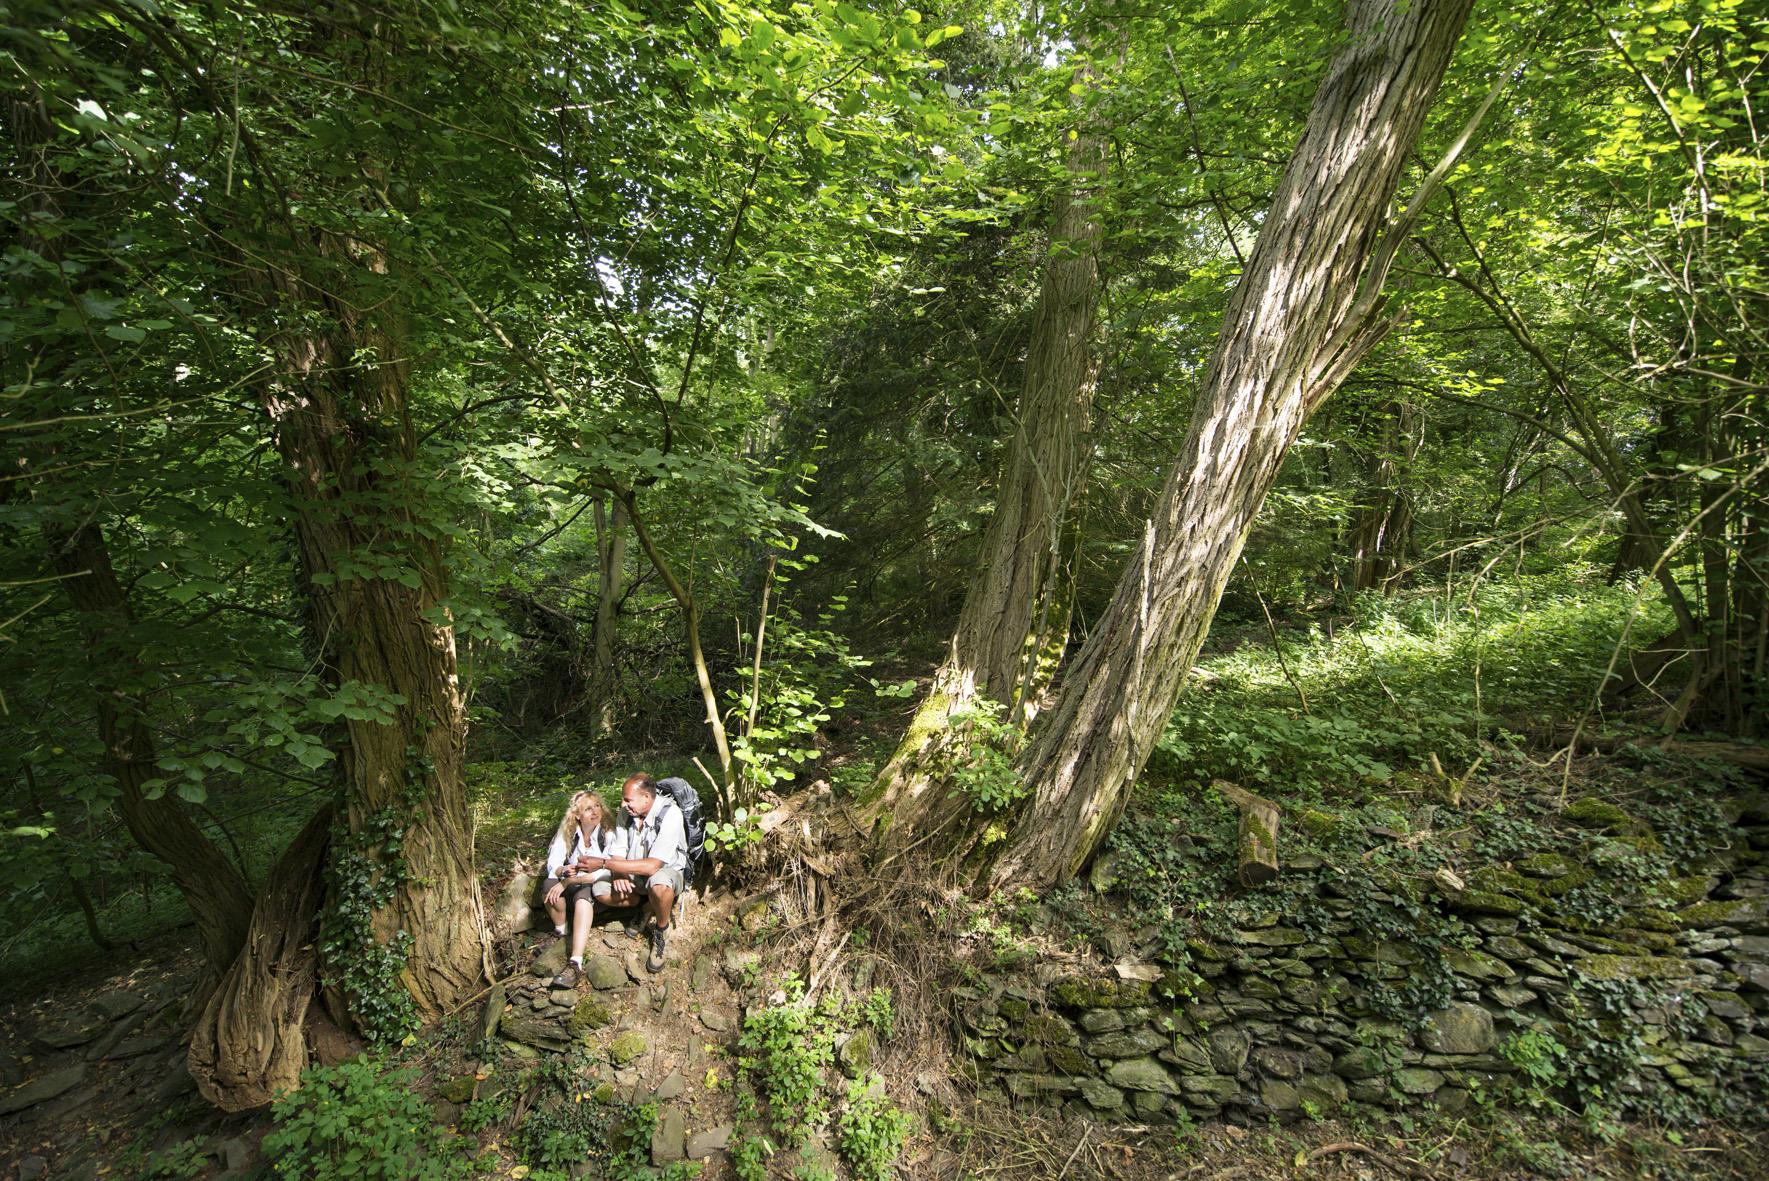 Rast im dichten Wald